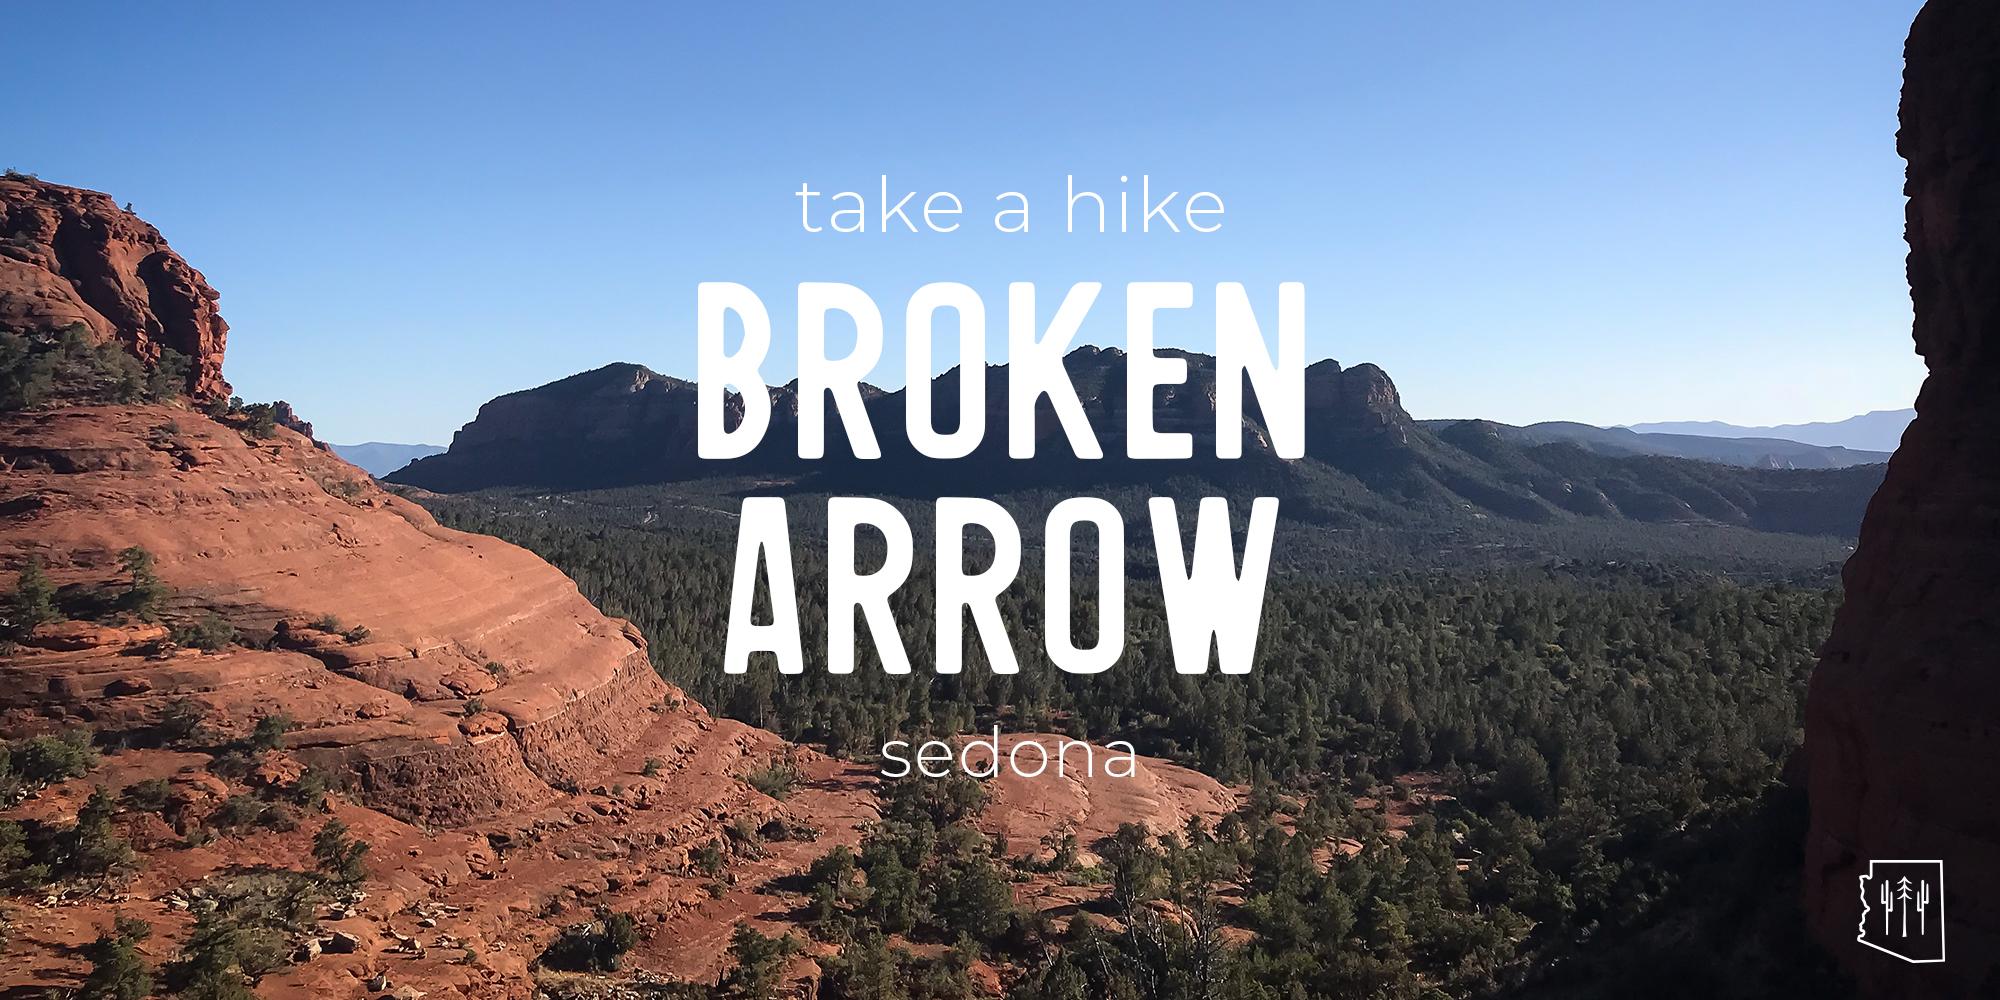 brokenarrow.jpg